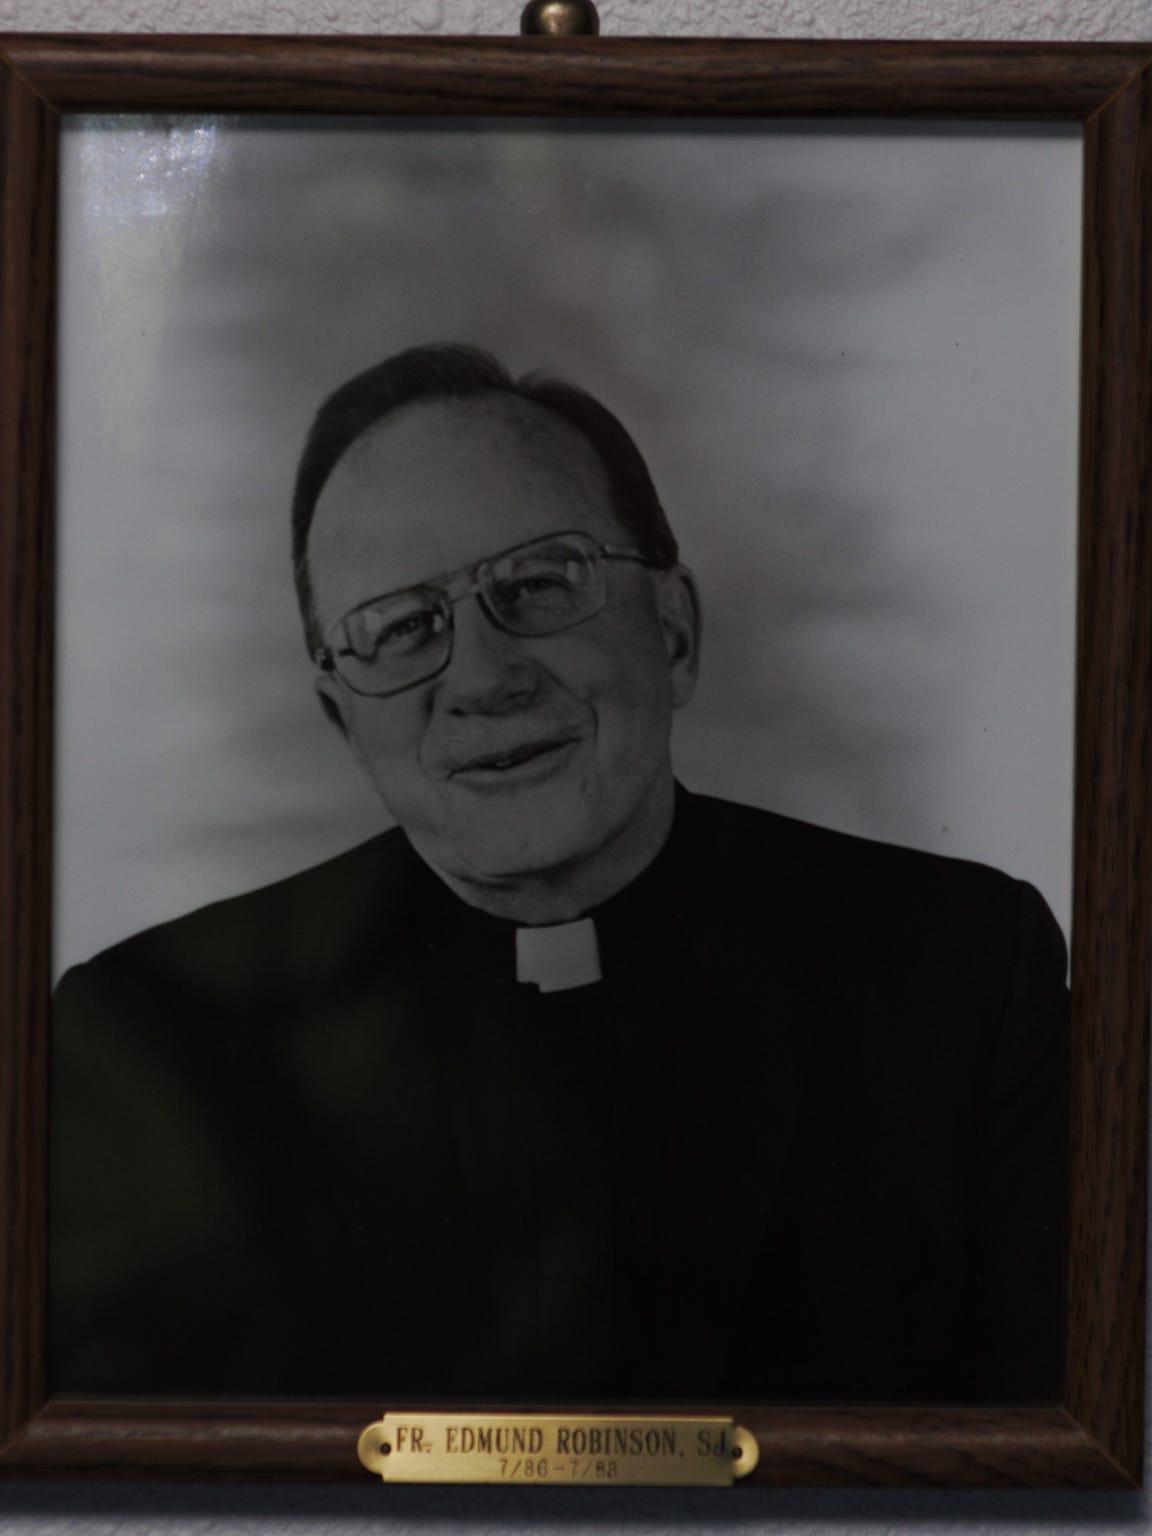 Father Edmund Robinson's portrait adorns a basement